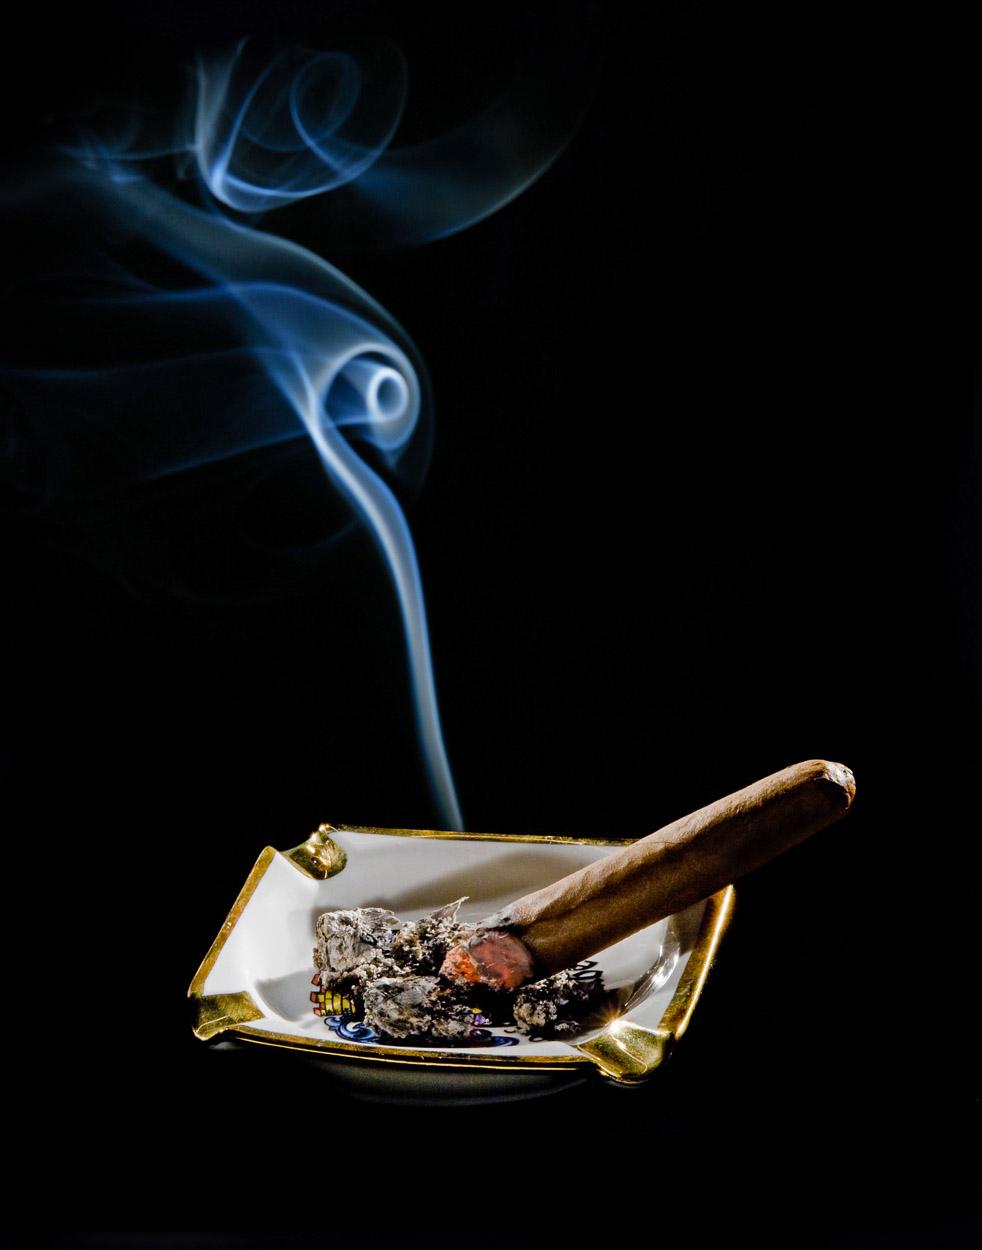 Smoking11x14